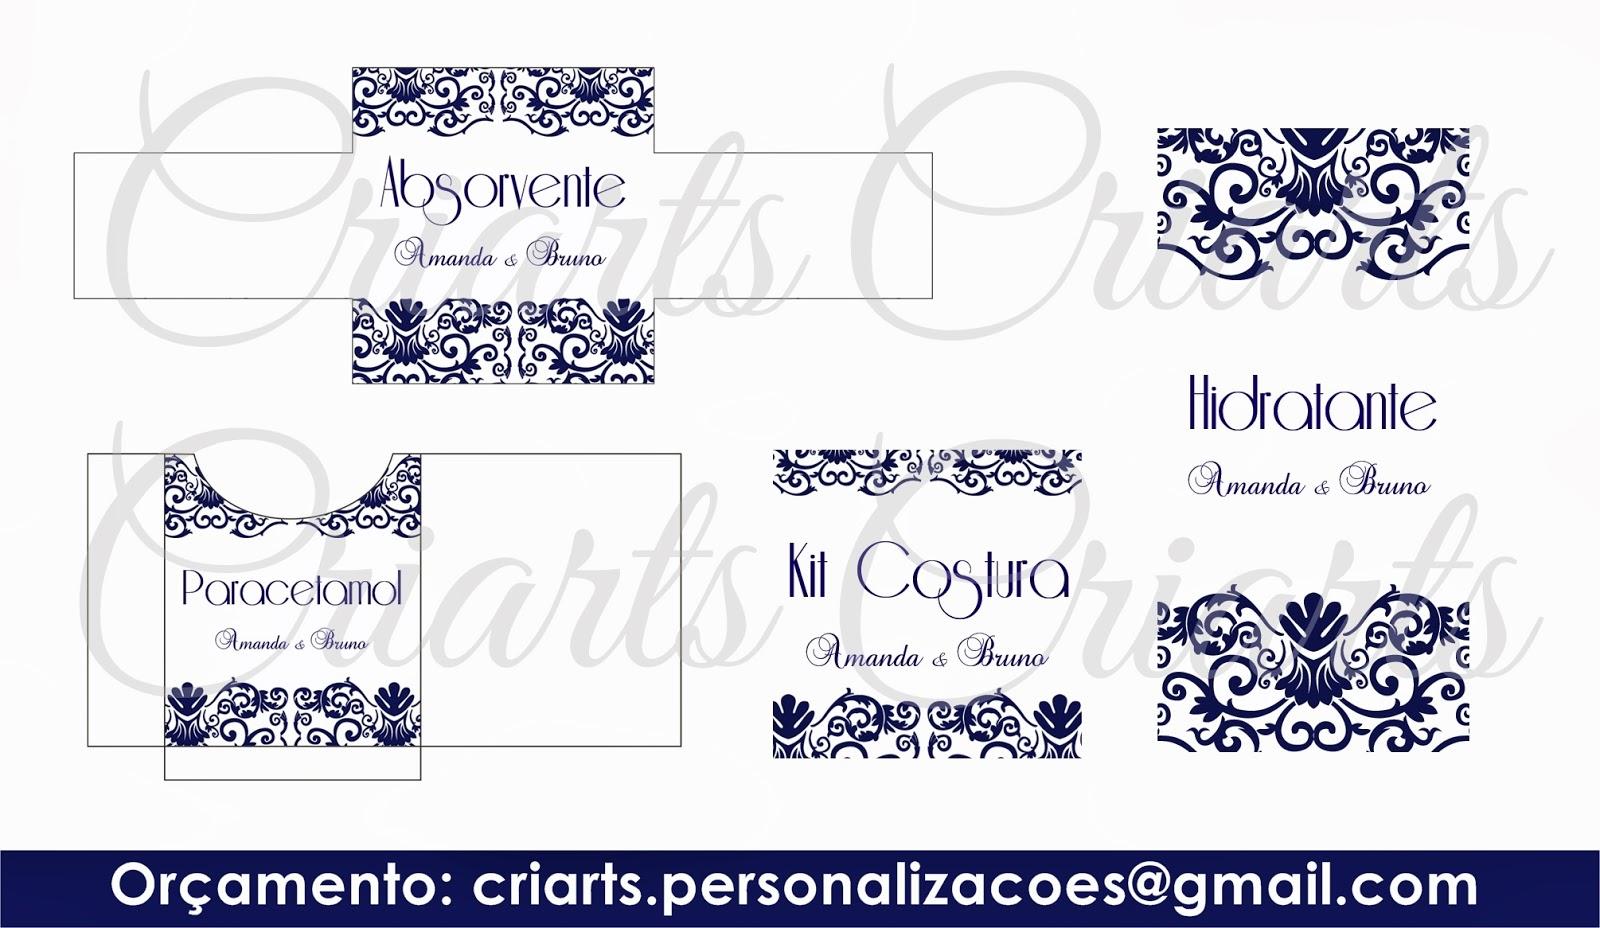 Criarts Personalizações: Kit Banheiro Azul Marinho #0B0D49 1600x928 Banheiro Azul Marinho